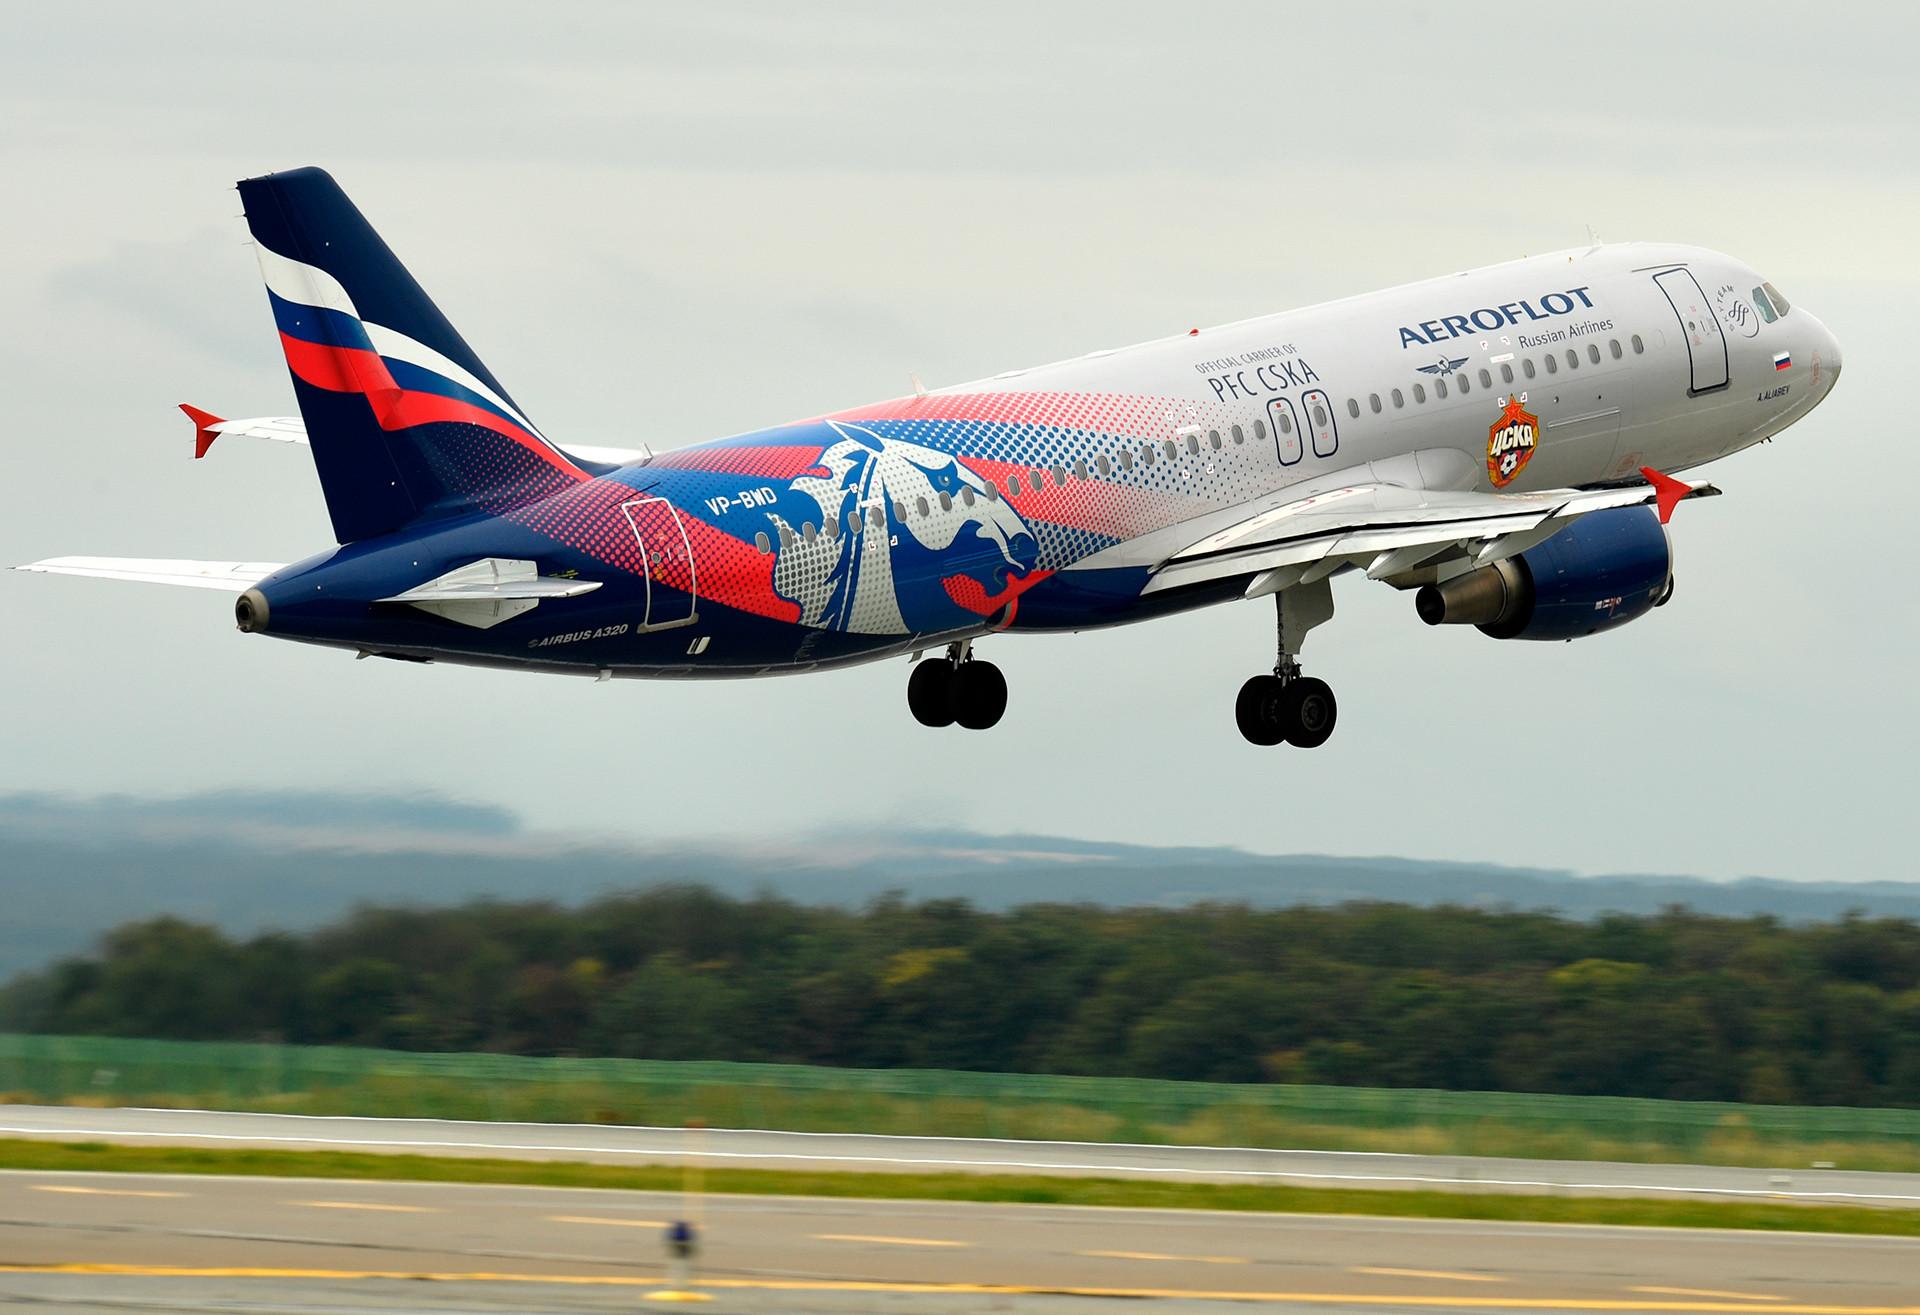 カザン国際空港を出発するアエロフロートのエアバス-A320。